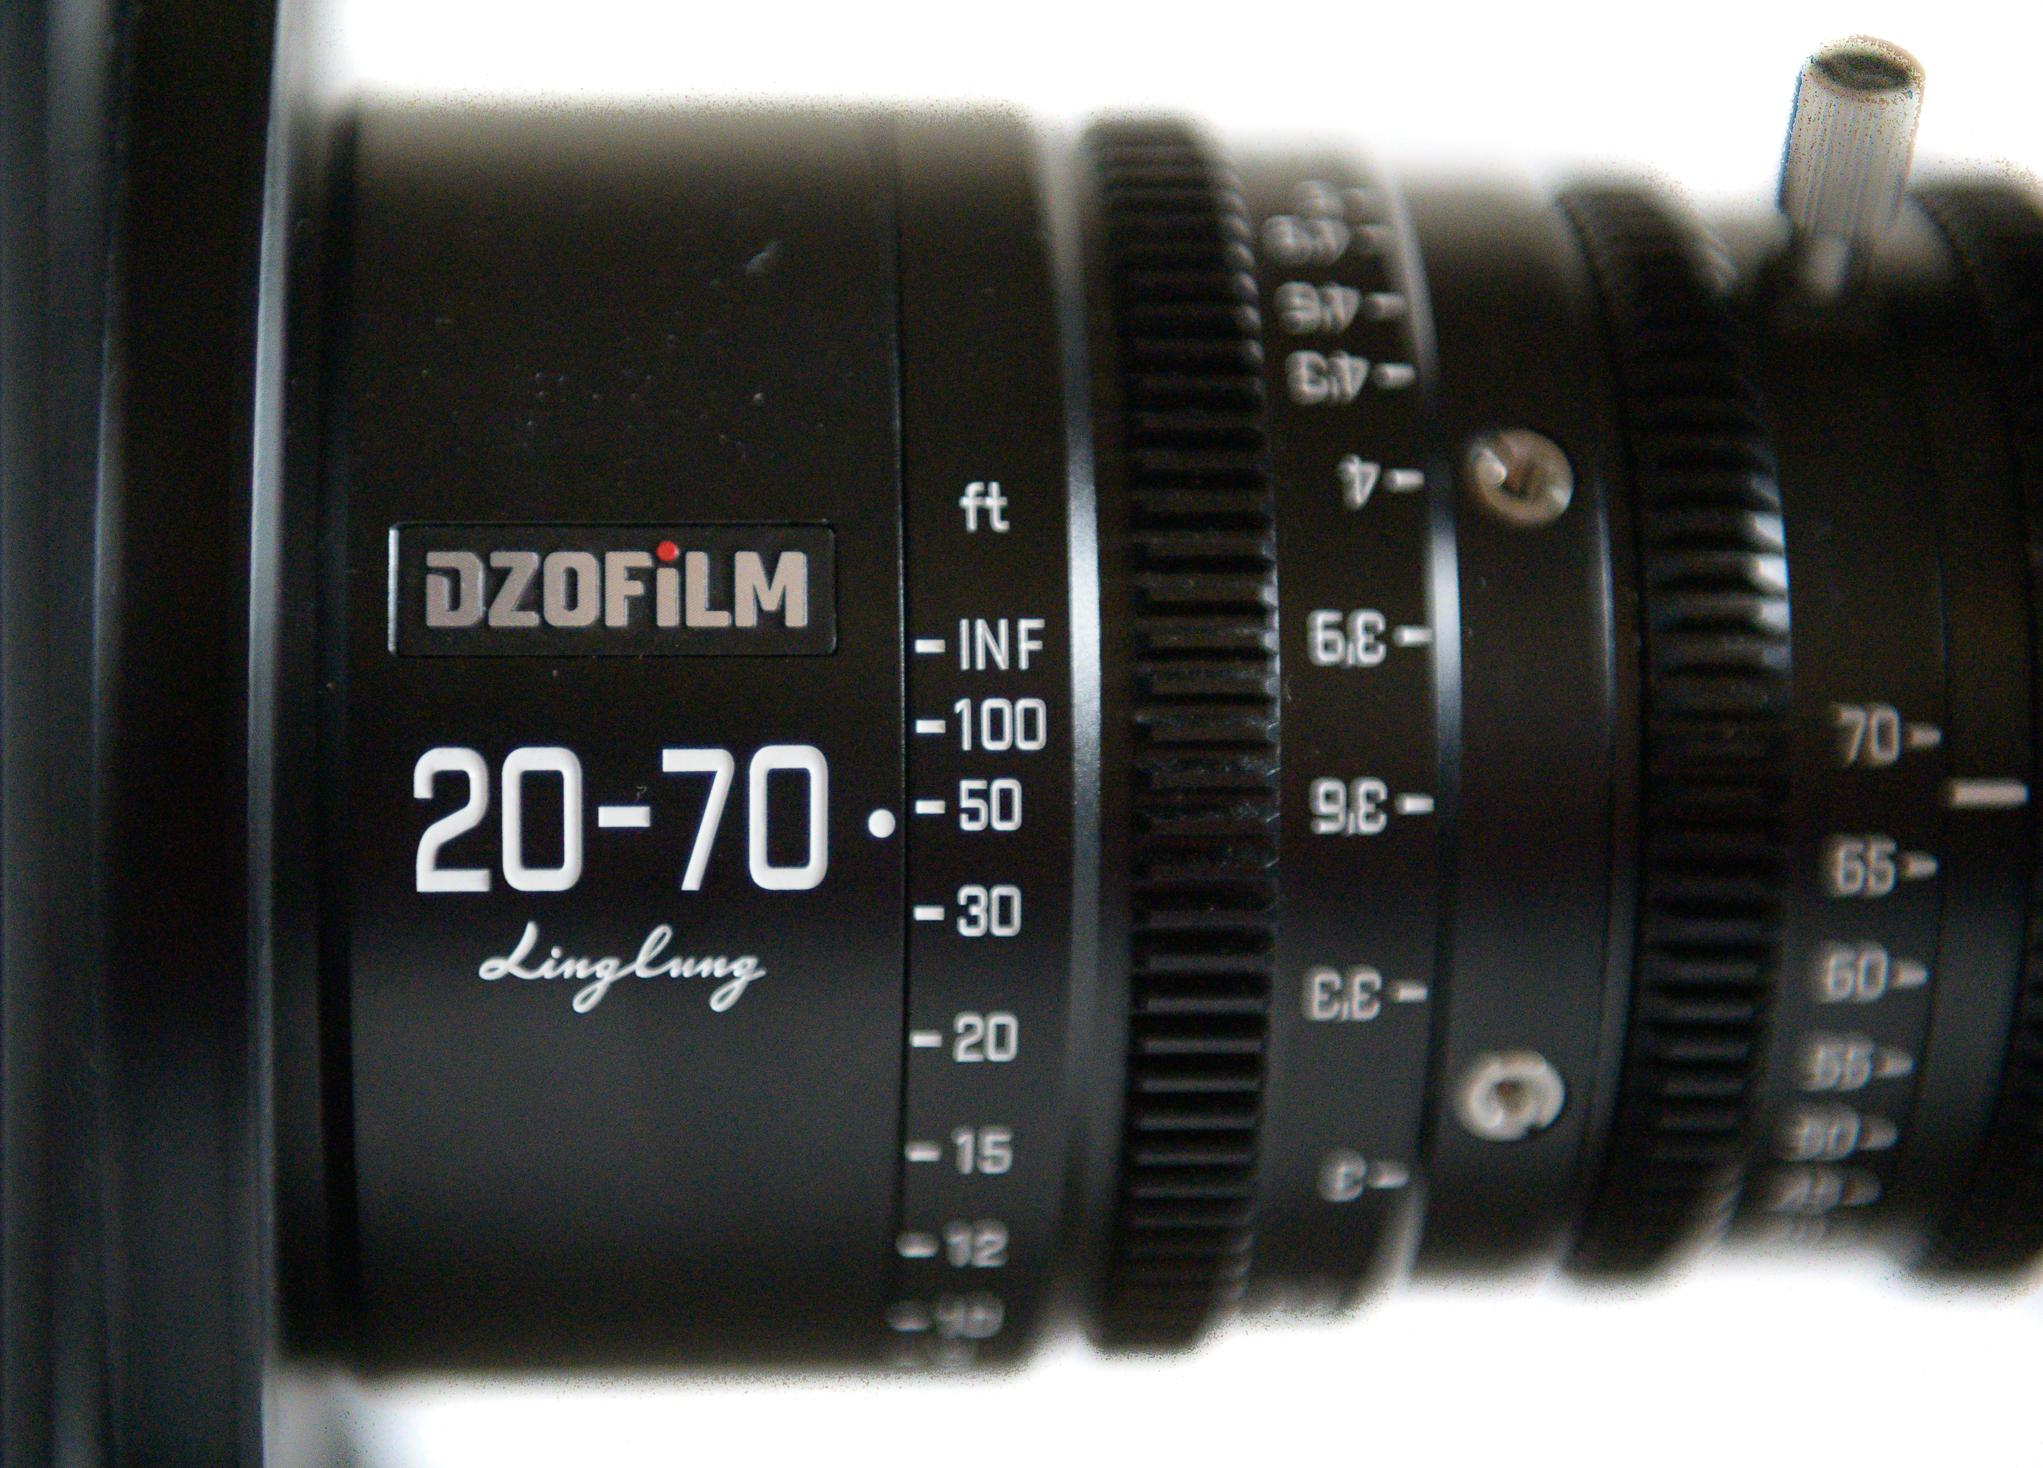 DZO Film